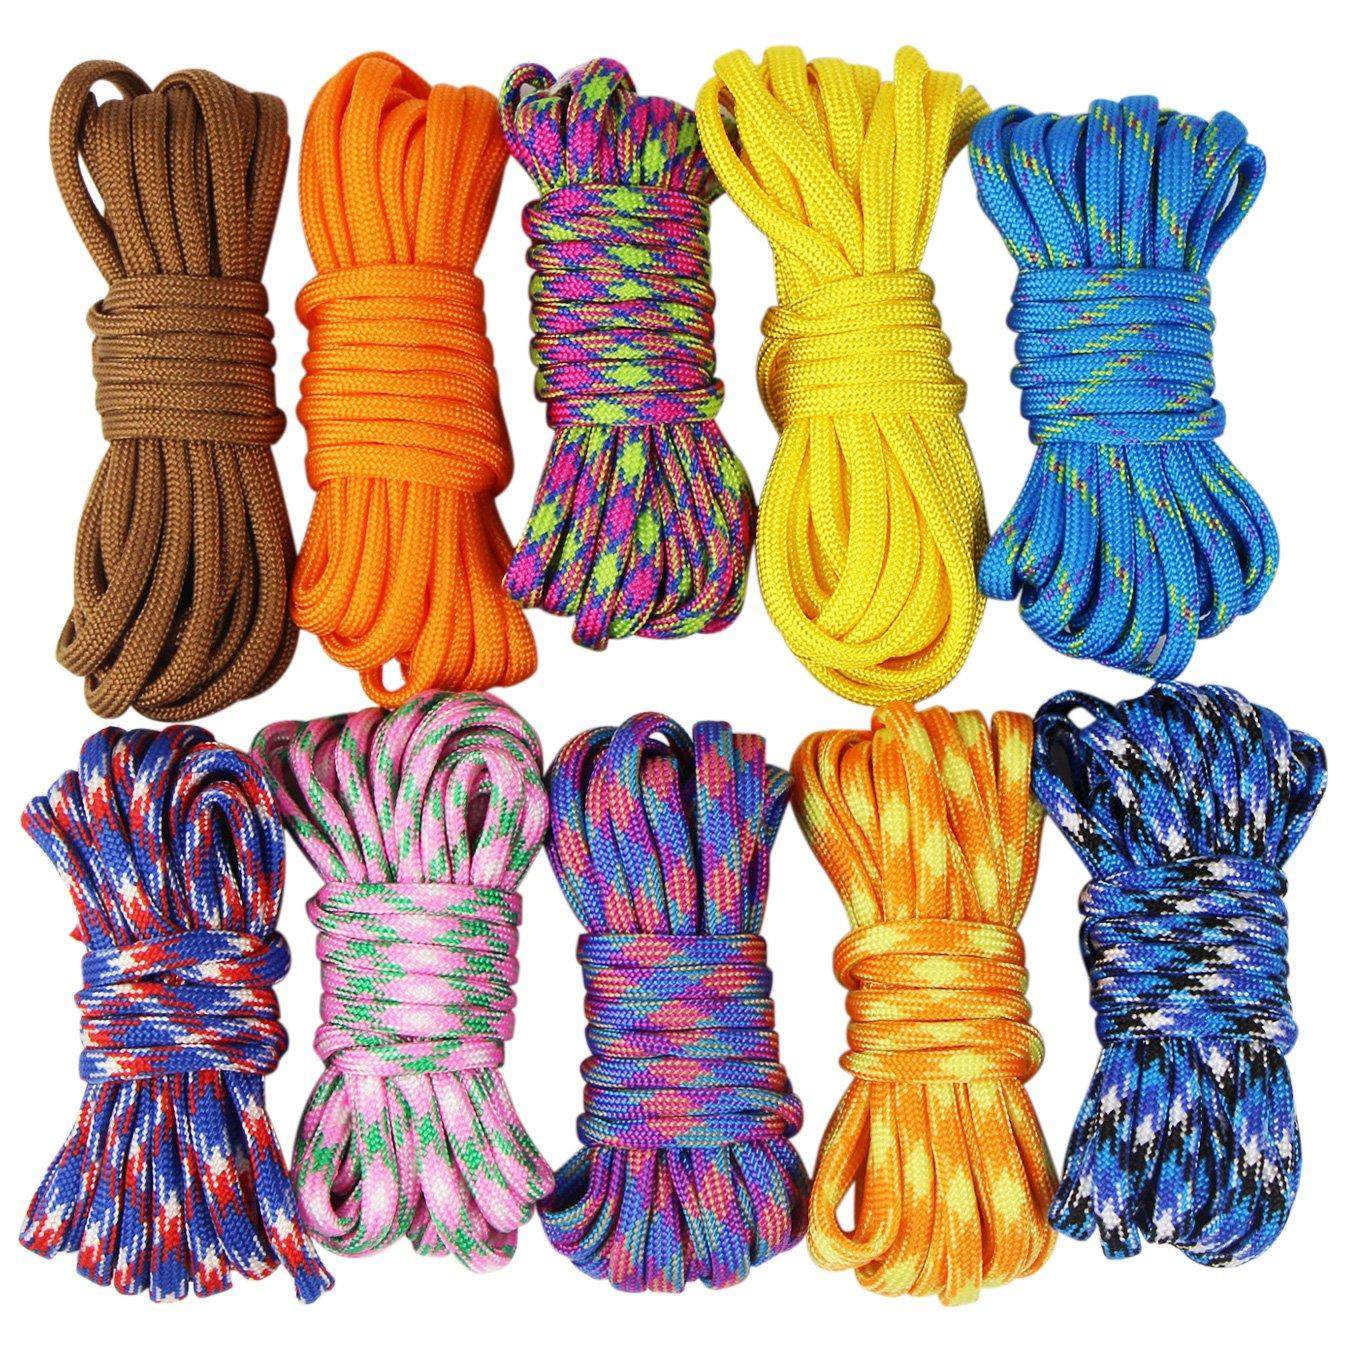 Set de cuerdas de paracaídas Uooom para hacer brazaletes, trenzas, manualidades, acampar, supervivencia, 10 piezas, 3 metros de largo